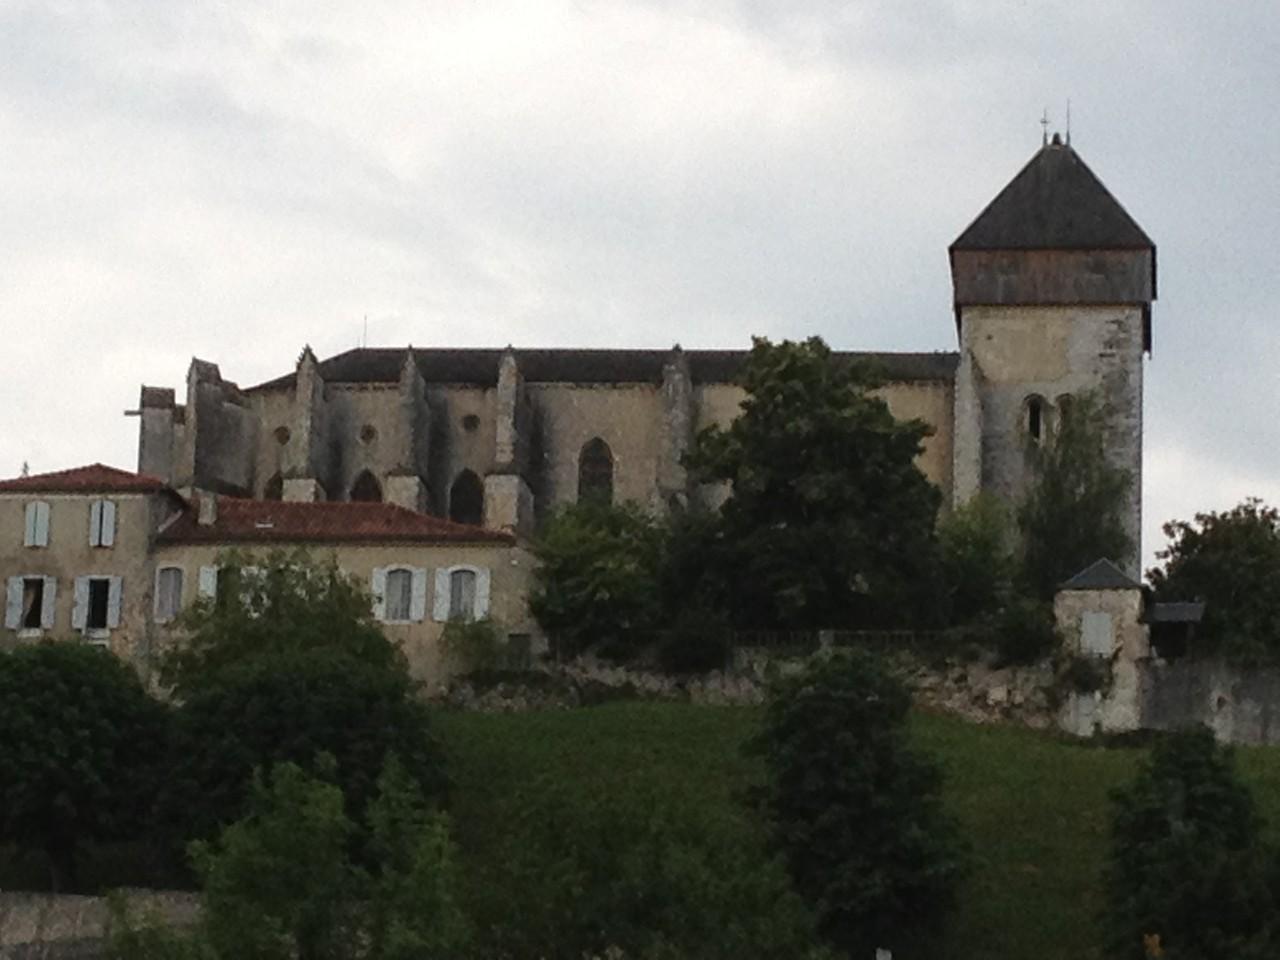 St. Bertrand, die schönste Kirche in den Pyrenäen!